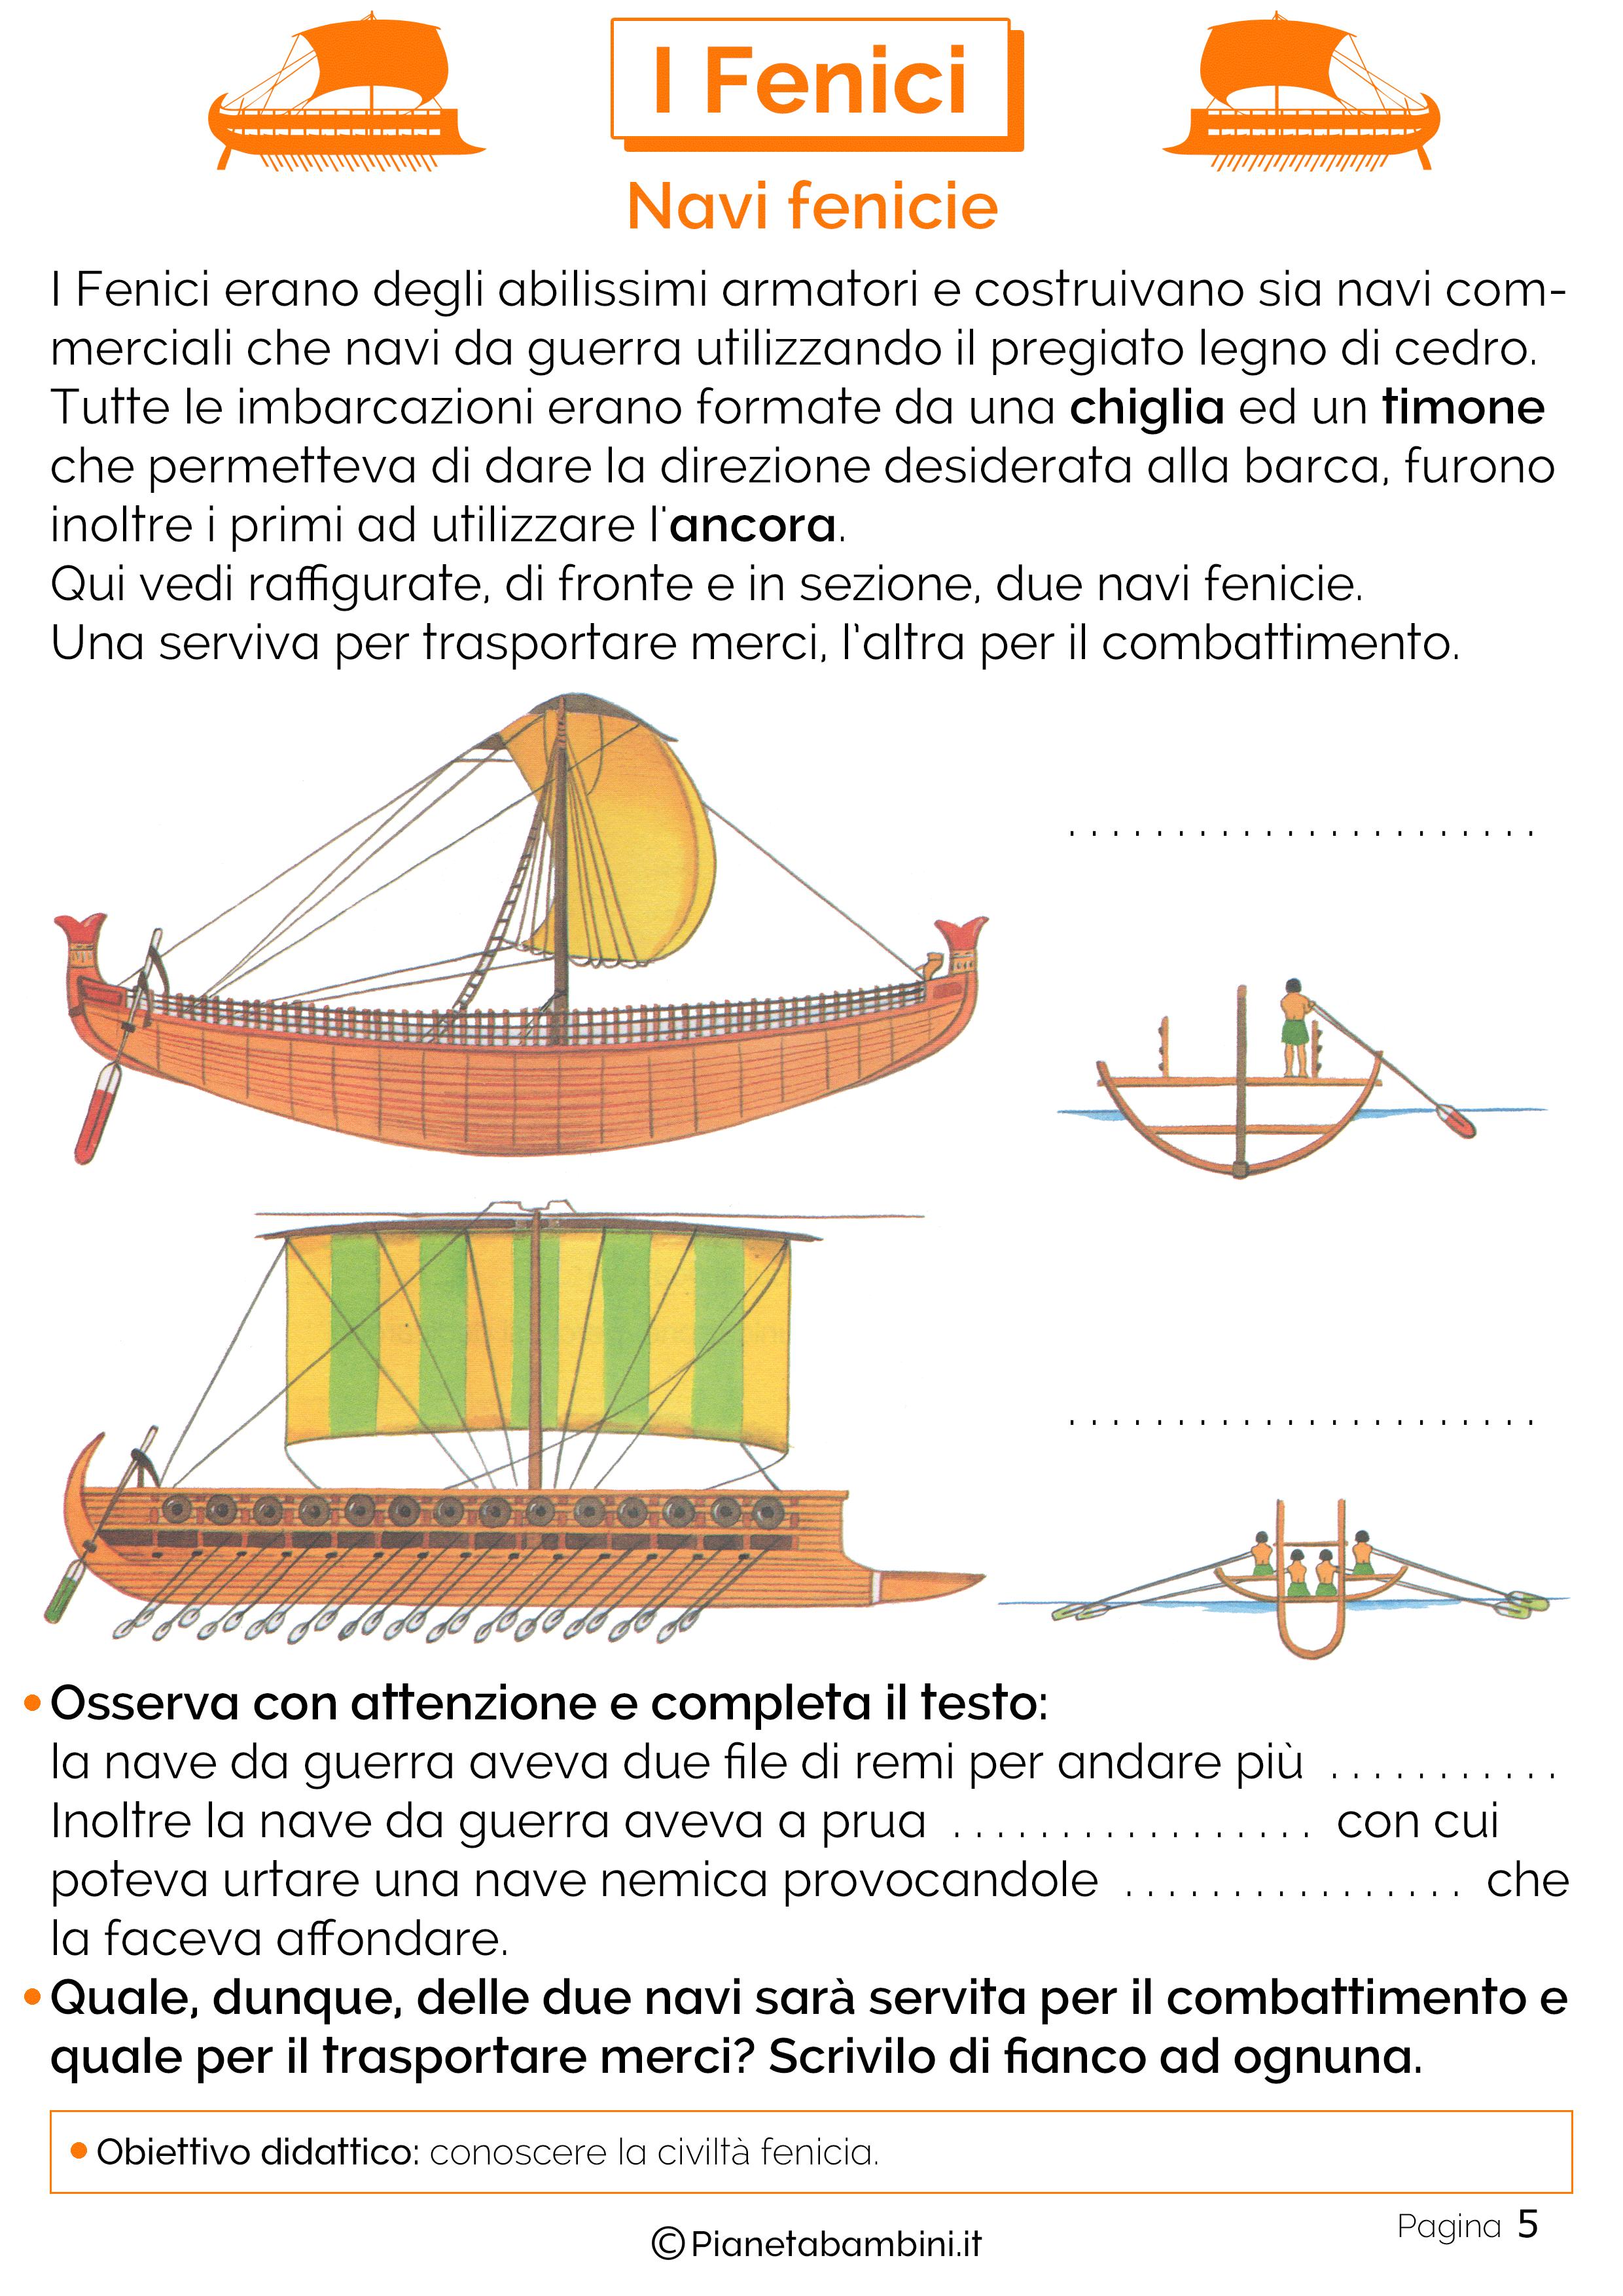 Le navi dei Fenici